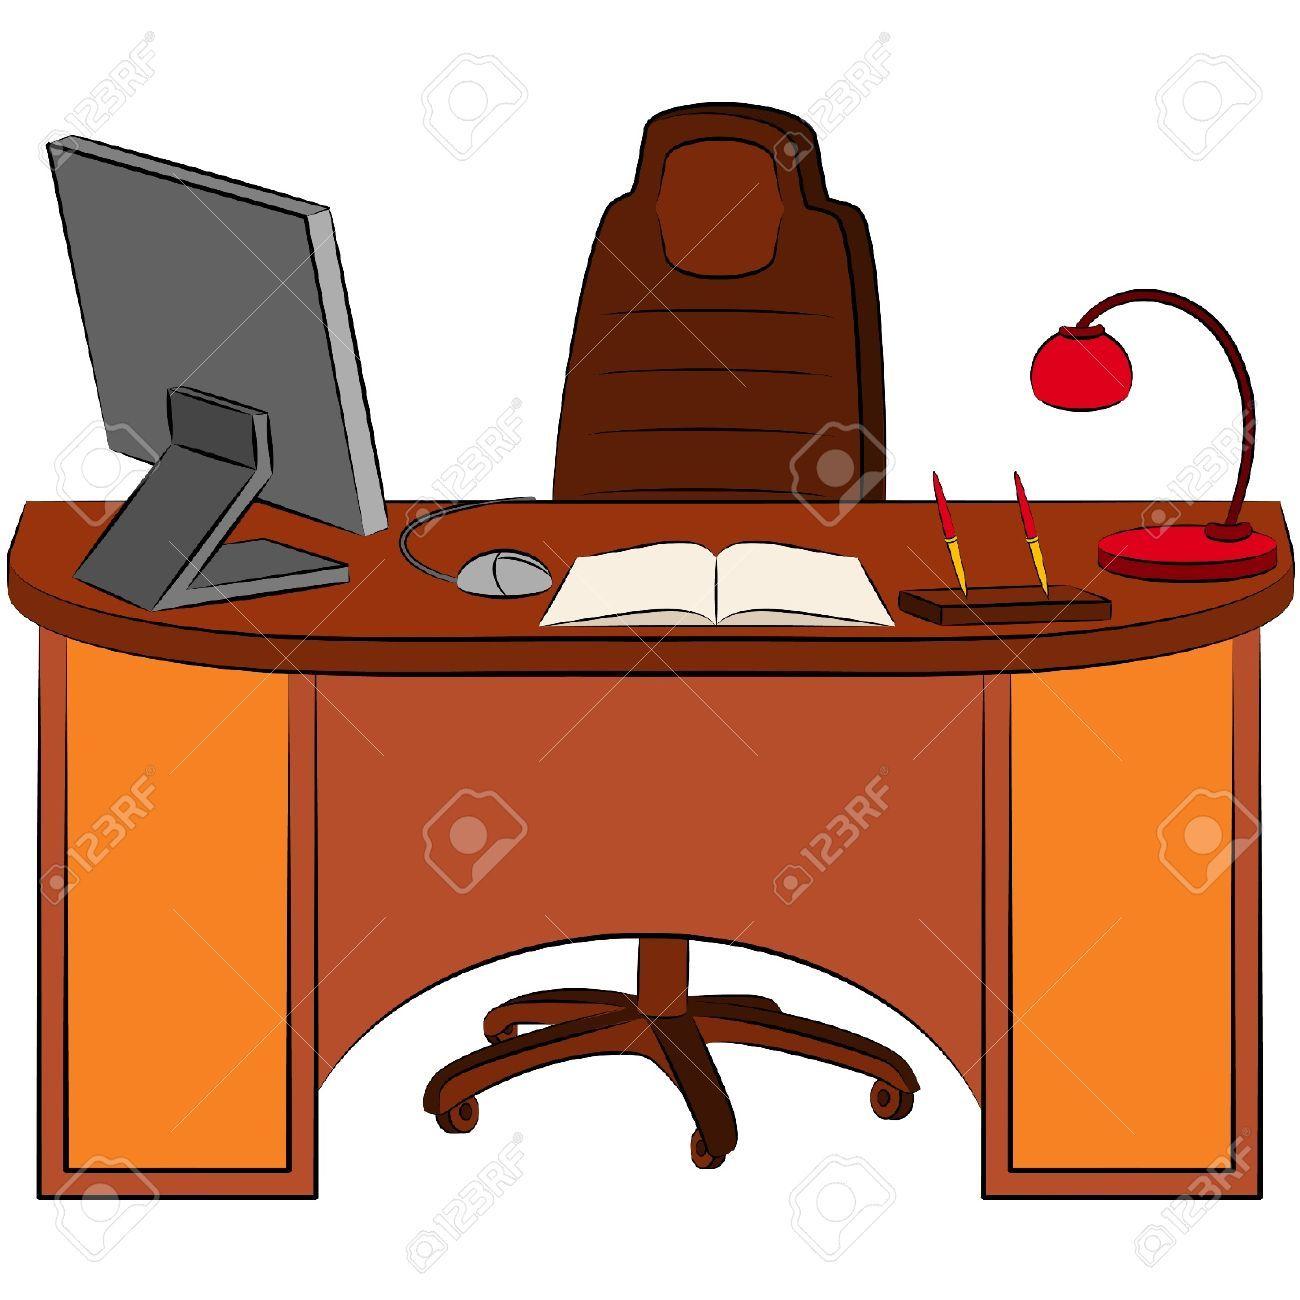 Office free download best. Desk clipart cute desk